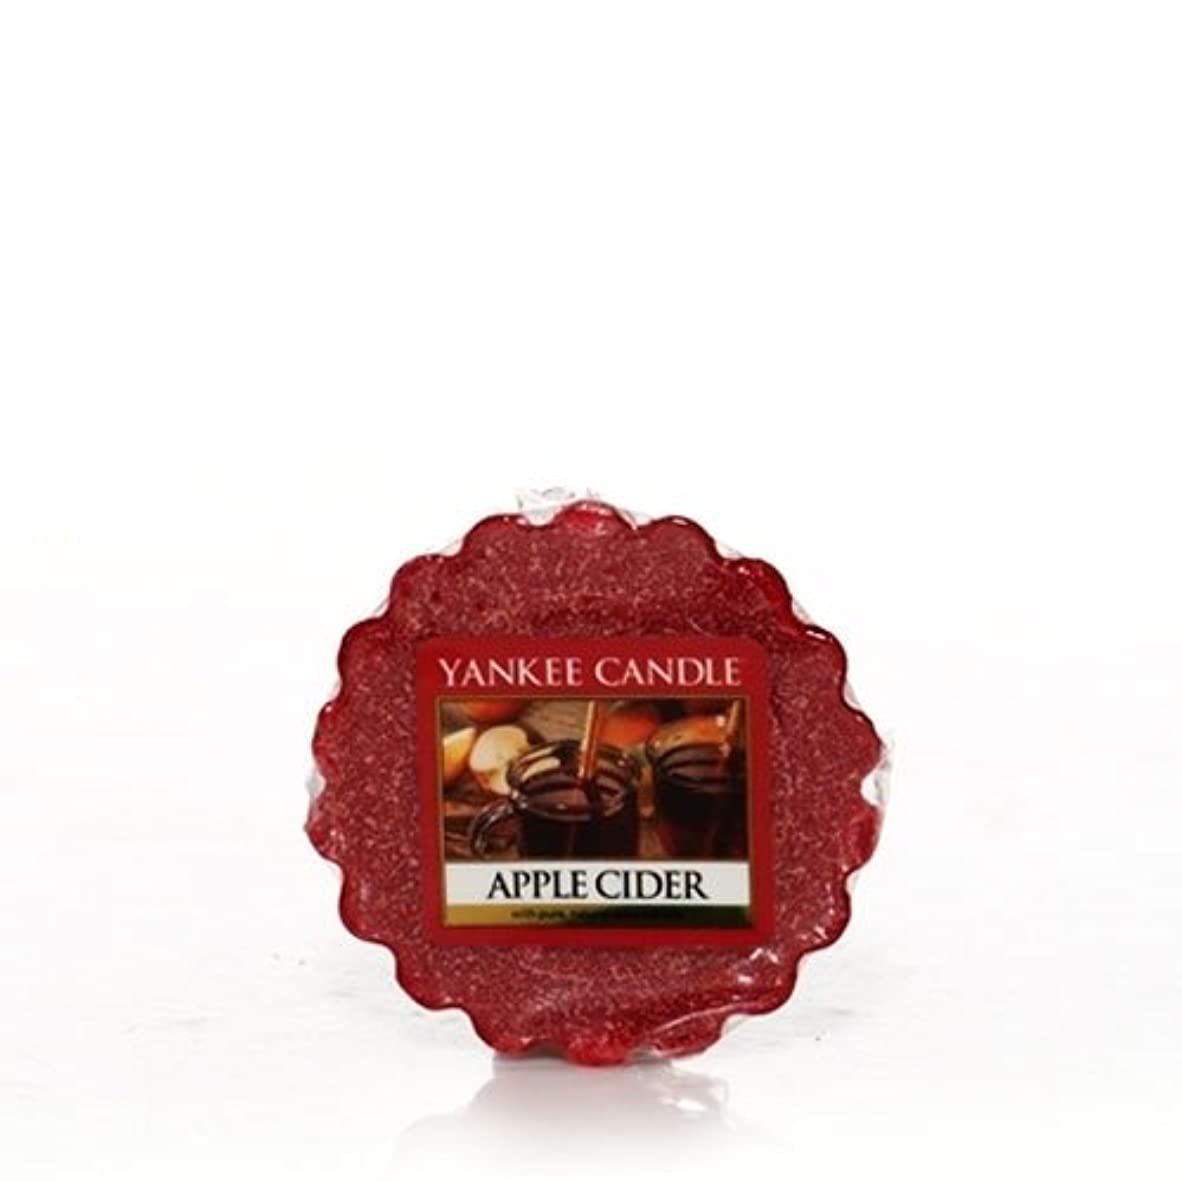 ジャム触覚ブレイズYankee Candle Apple Cider, Food & Spice香り Tarts wax melts 1187886-YC